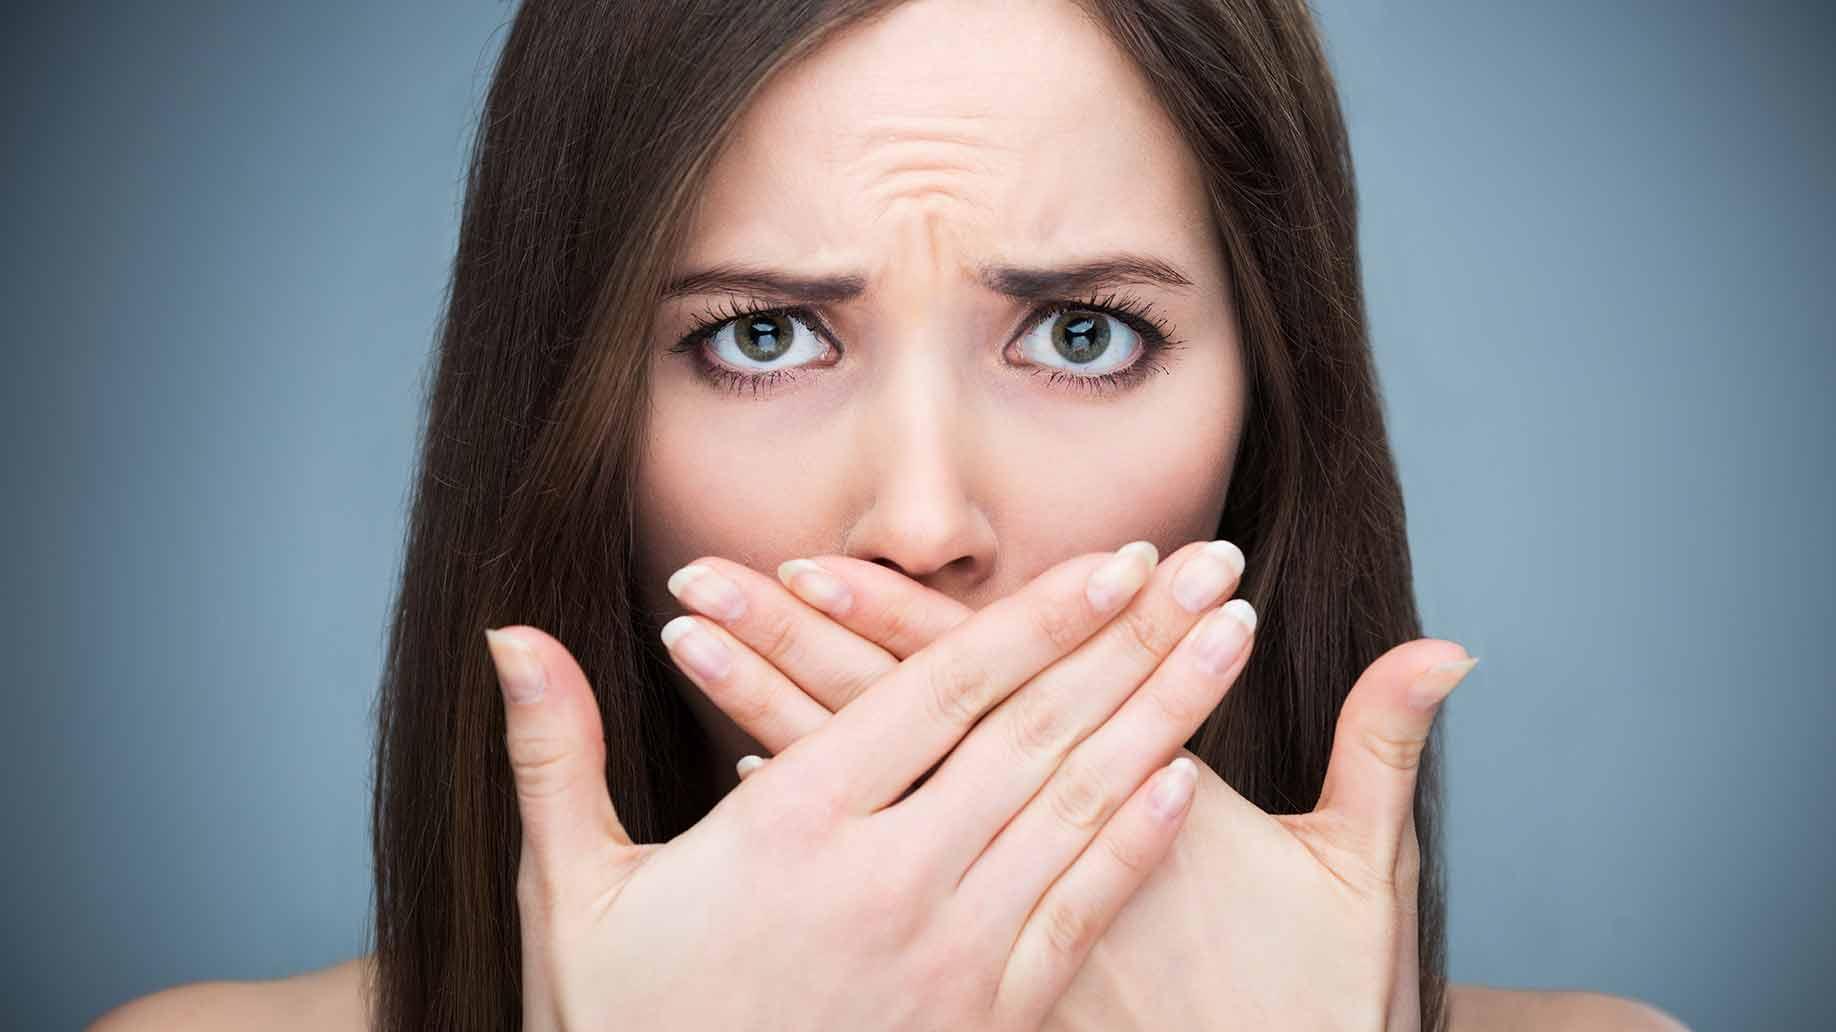 Triệu chứng hôi miệng do trào ngược dạ dày: gây ra phiền toái, không thể coi thường  - Ảnh 1